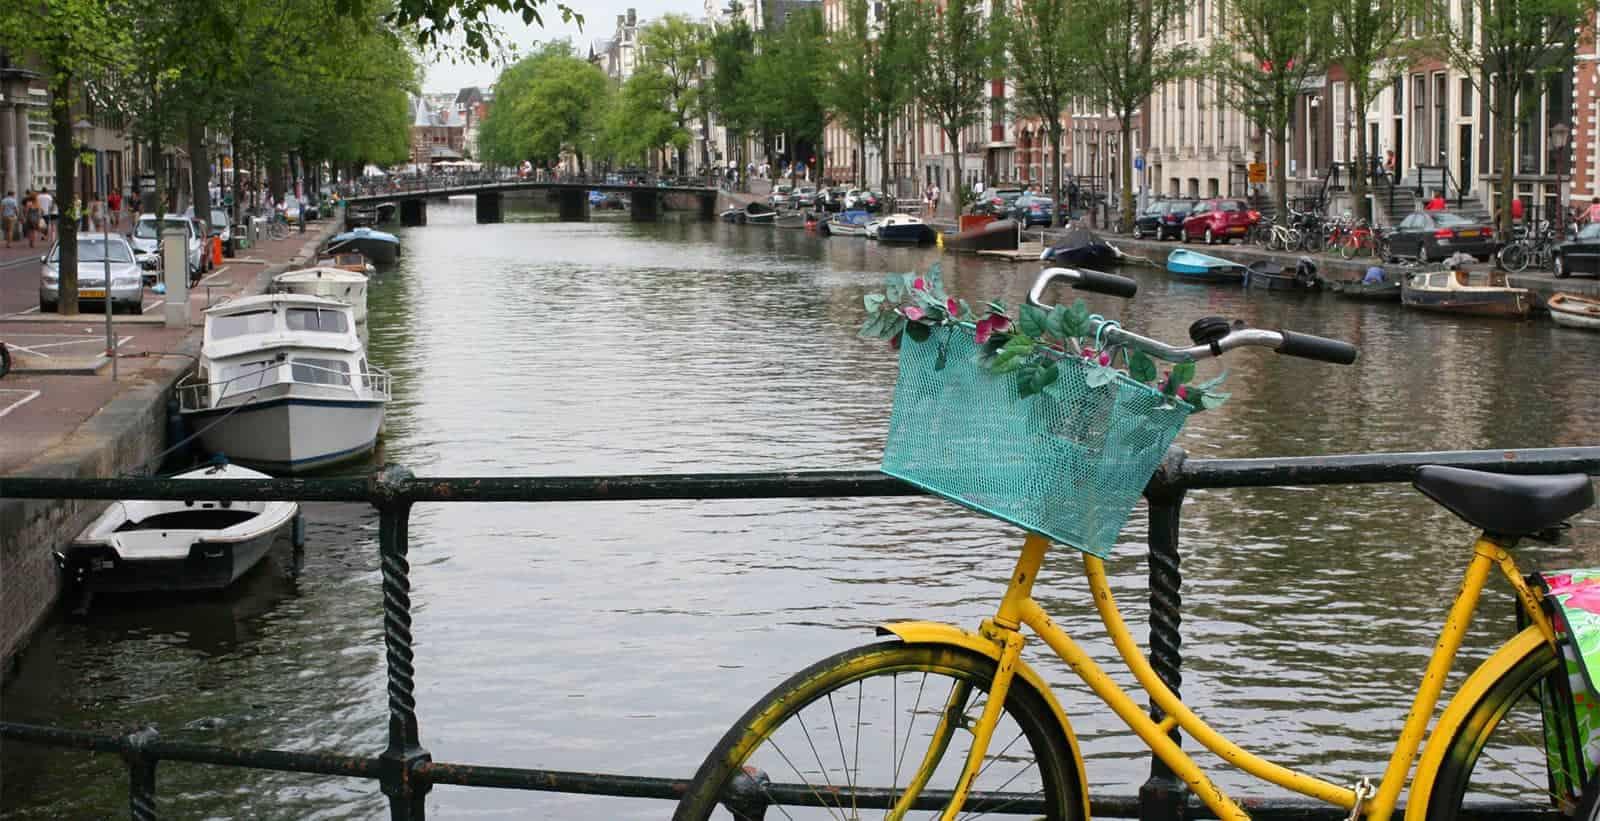 Oh, op die fiets!